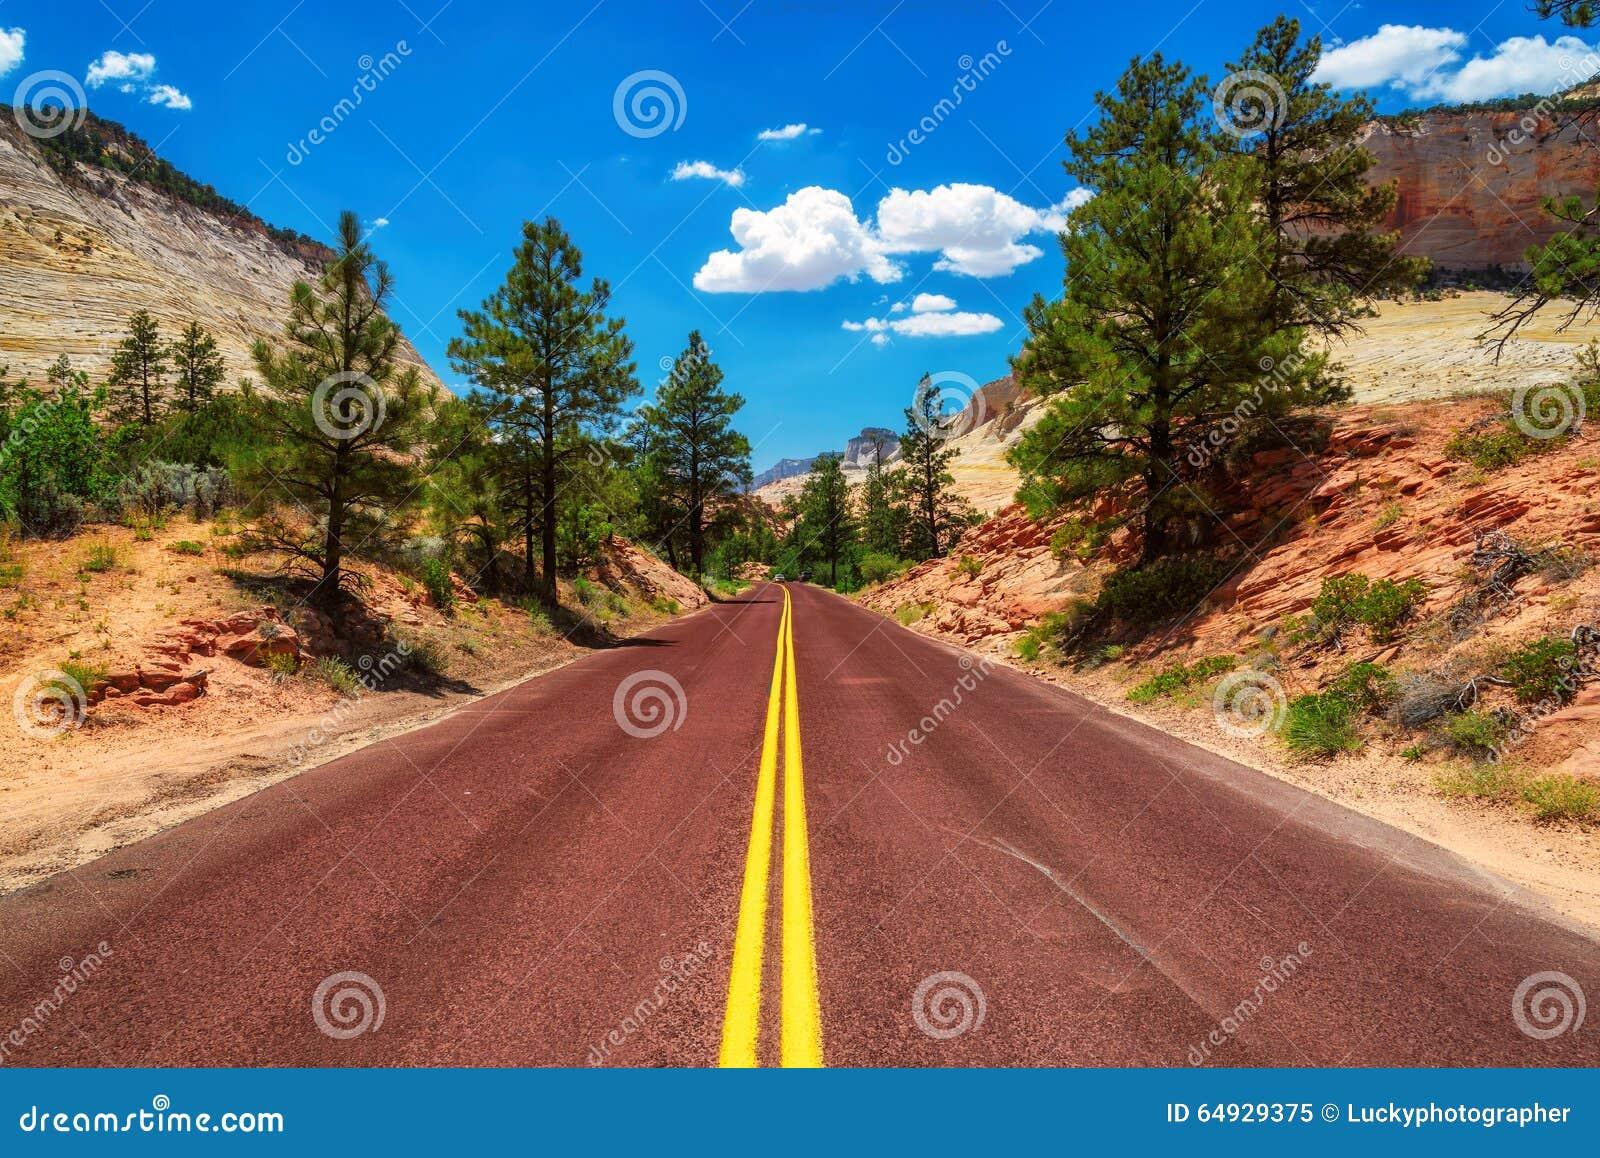 Route américaine en Zion Canyon National Park, Utah